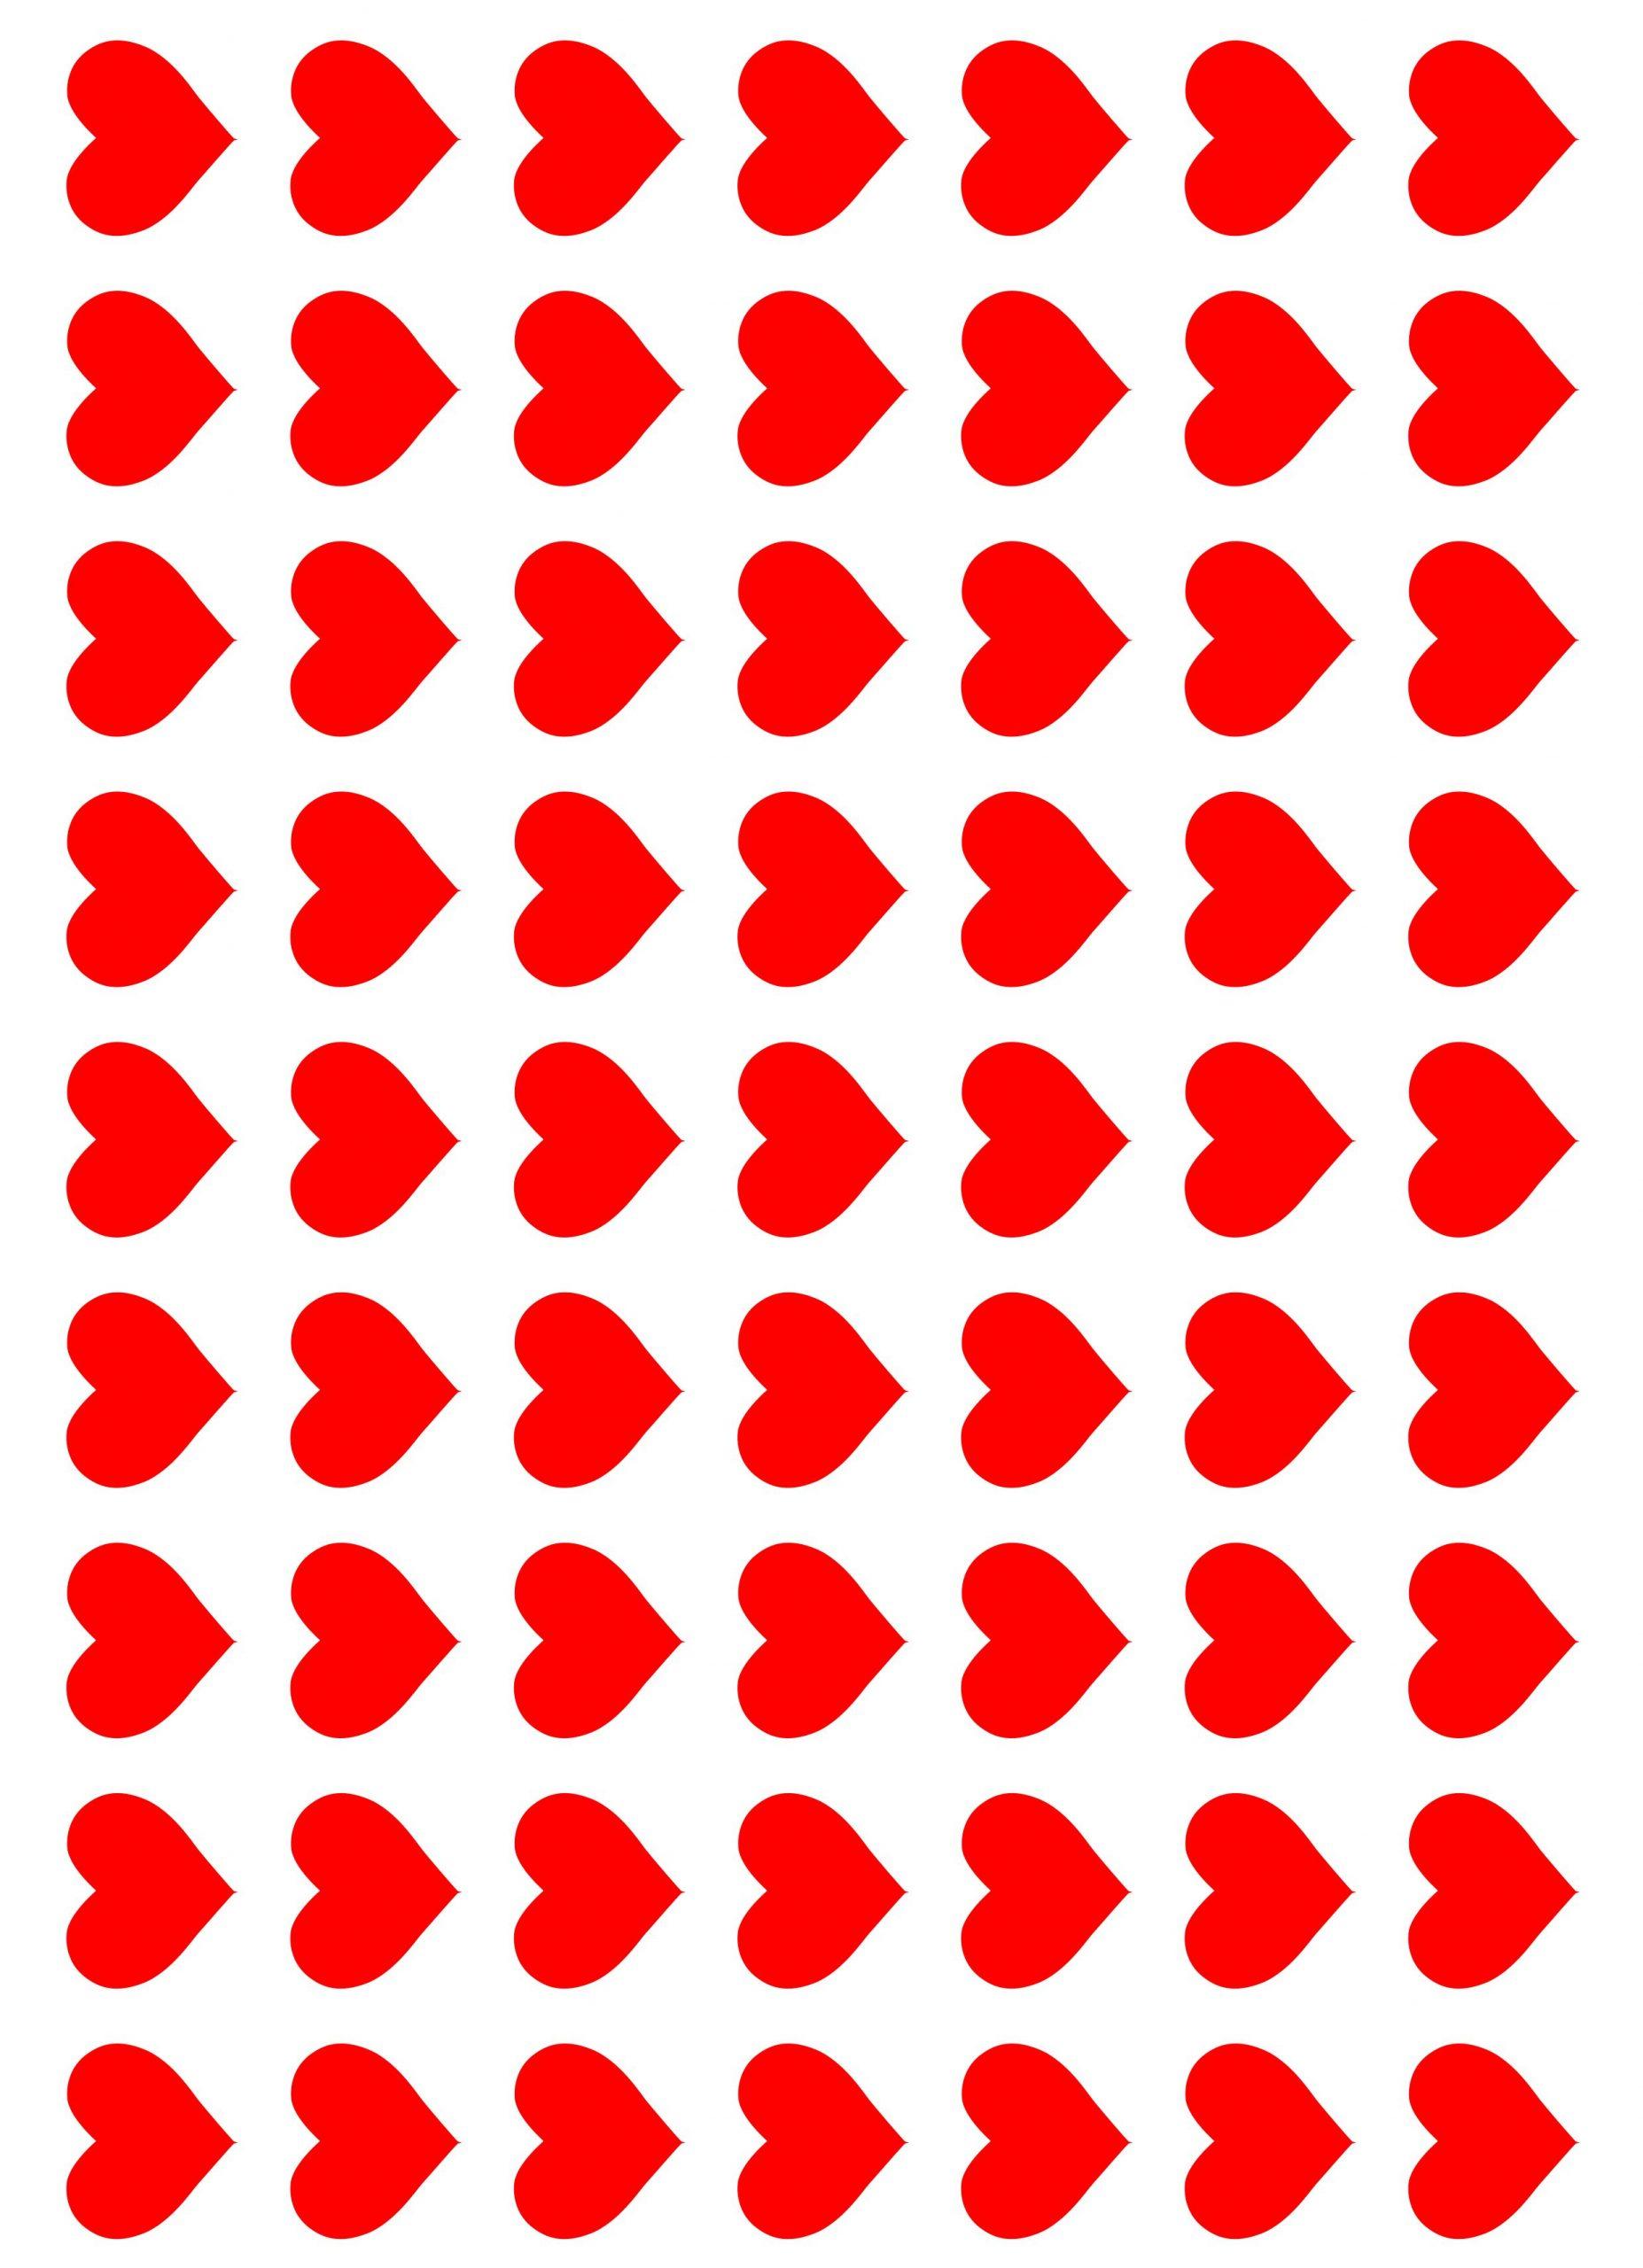 Klistermærker hjerter til bryllup og kærlighed